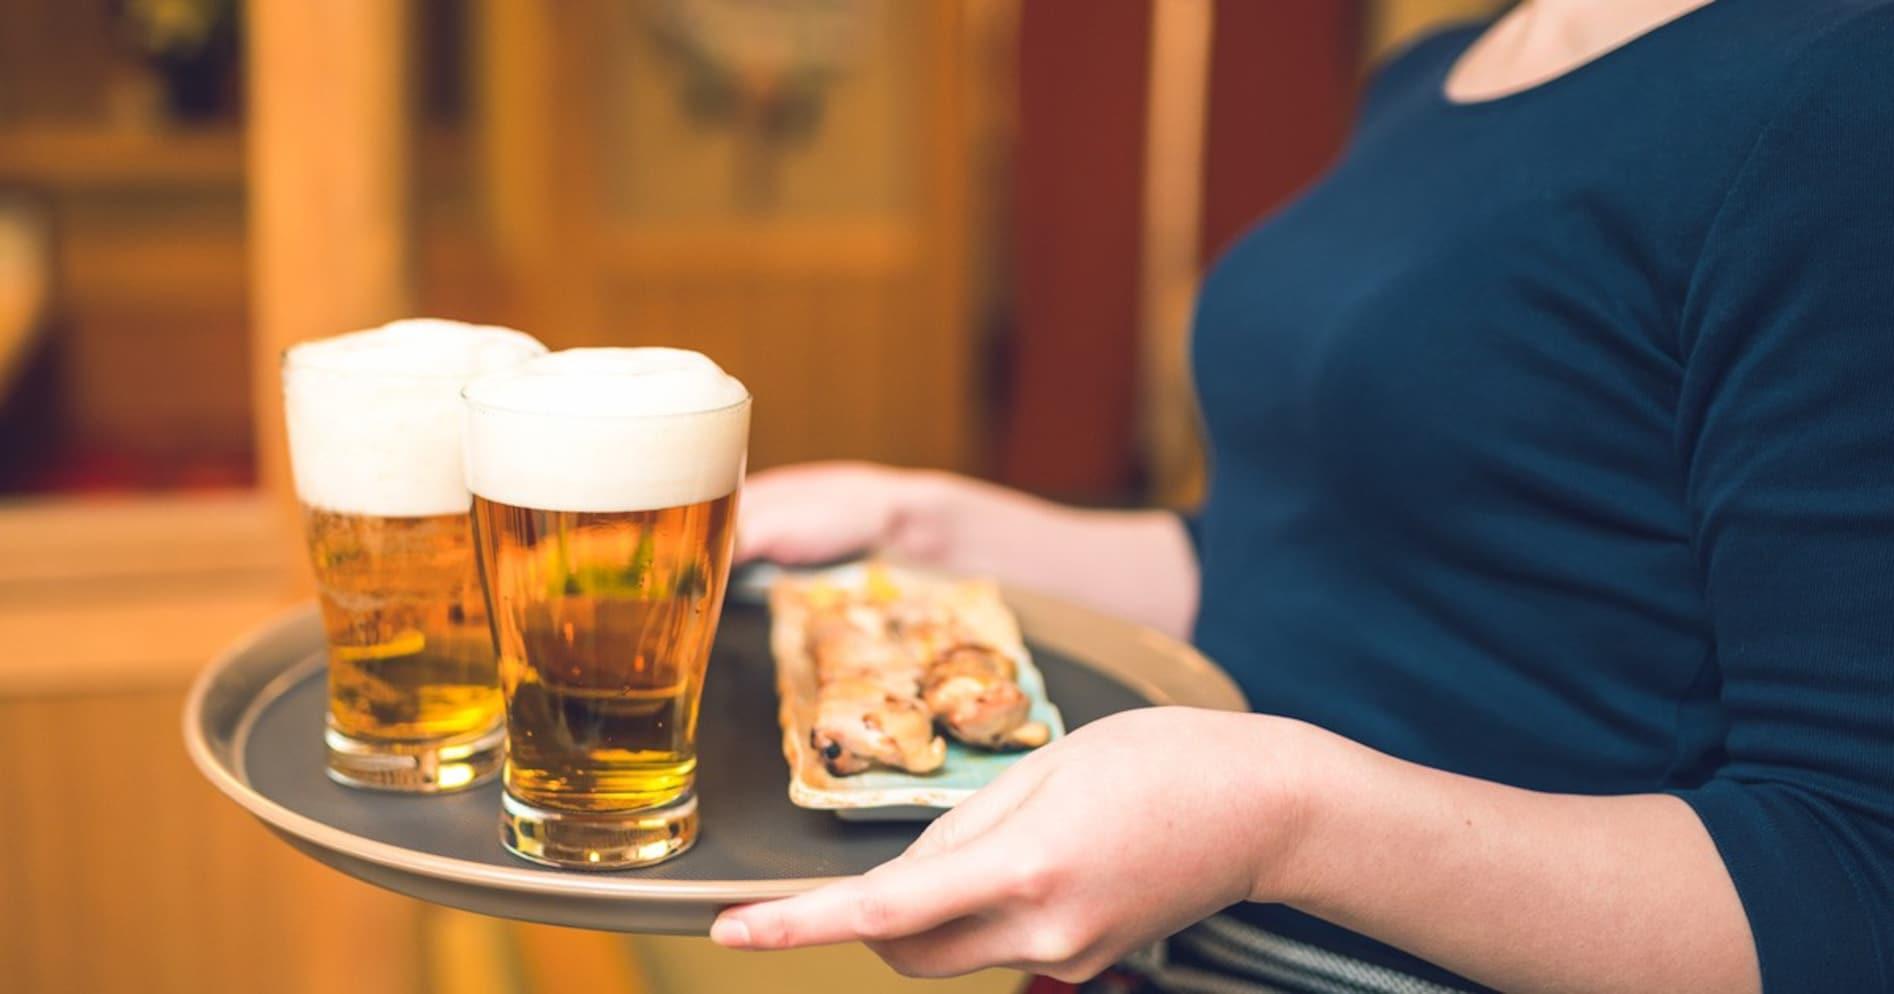 「おい、生ビール」は1000円!? 客と店員の対等な関係に固執しすぎると…